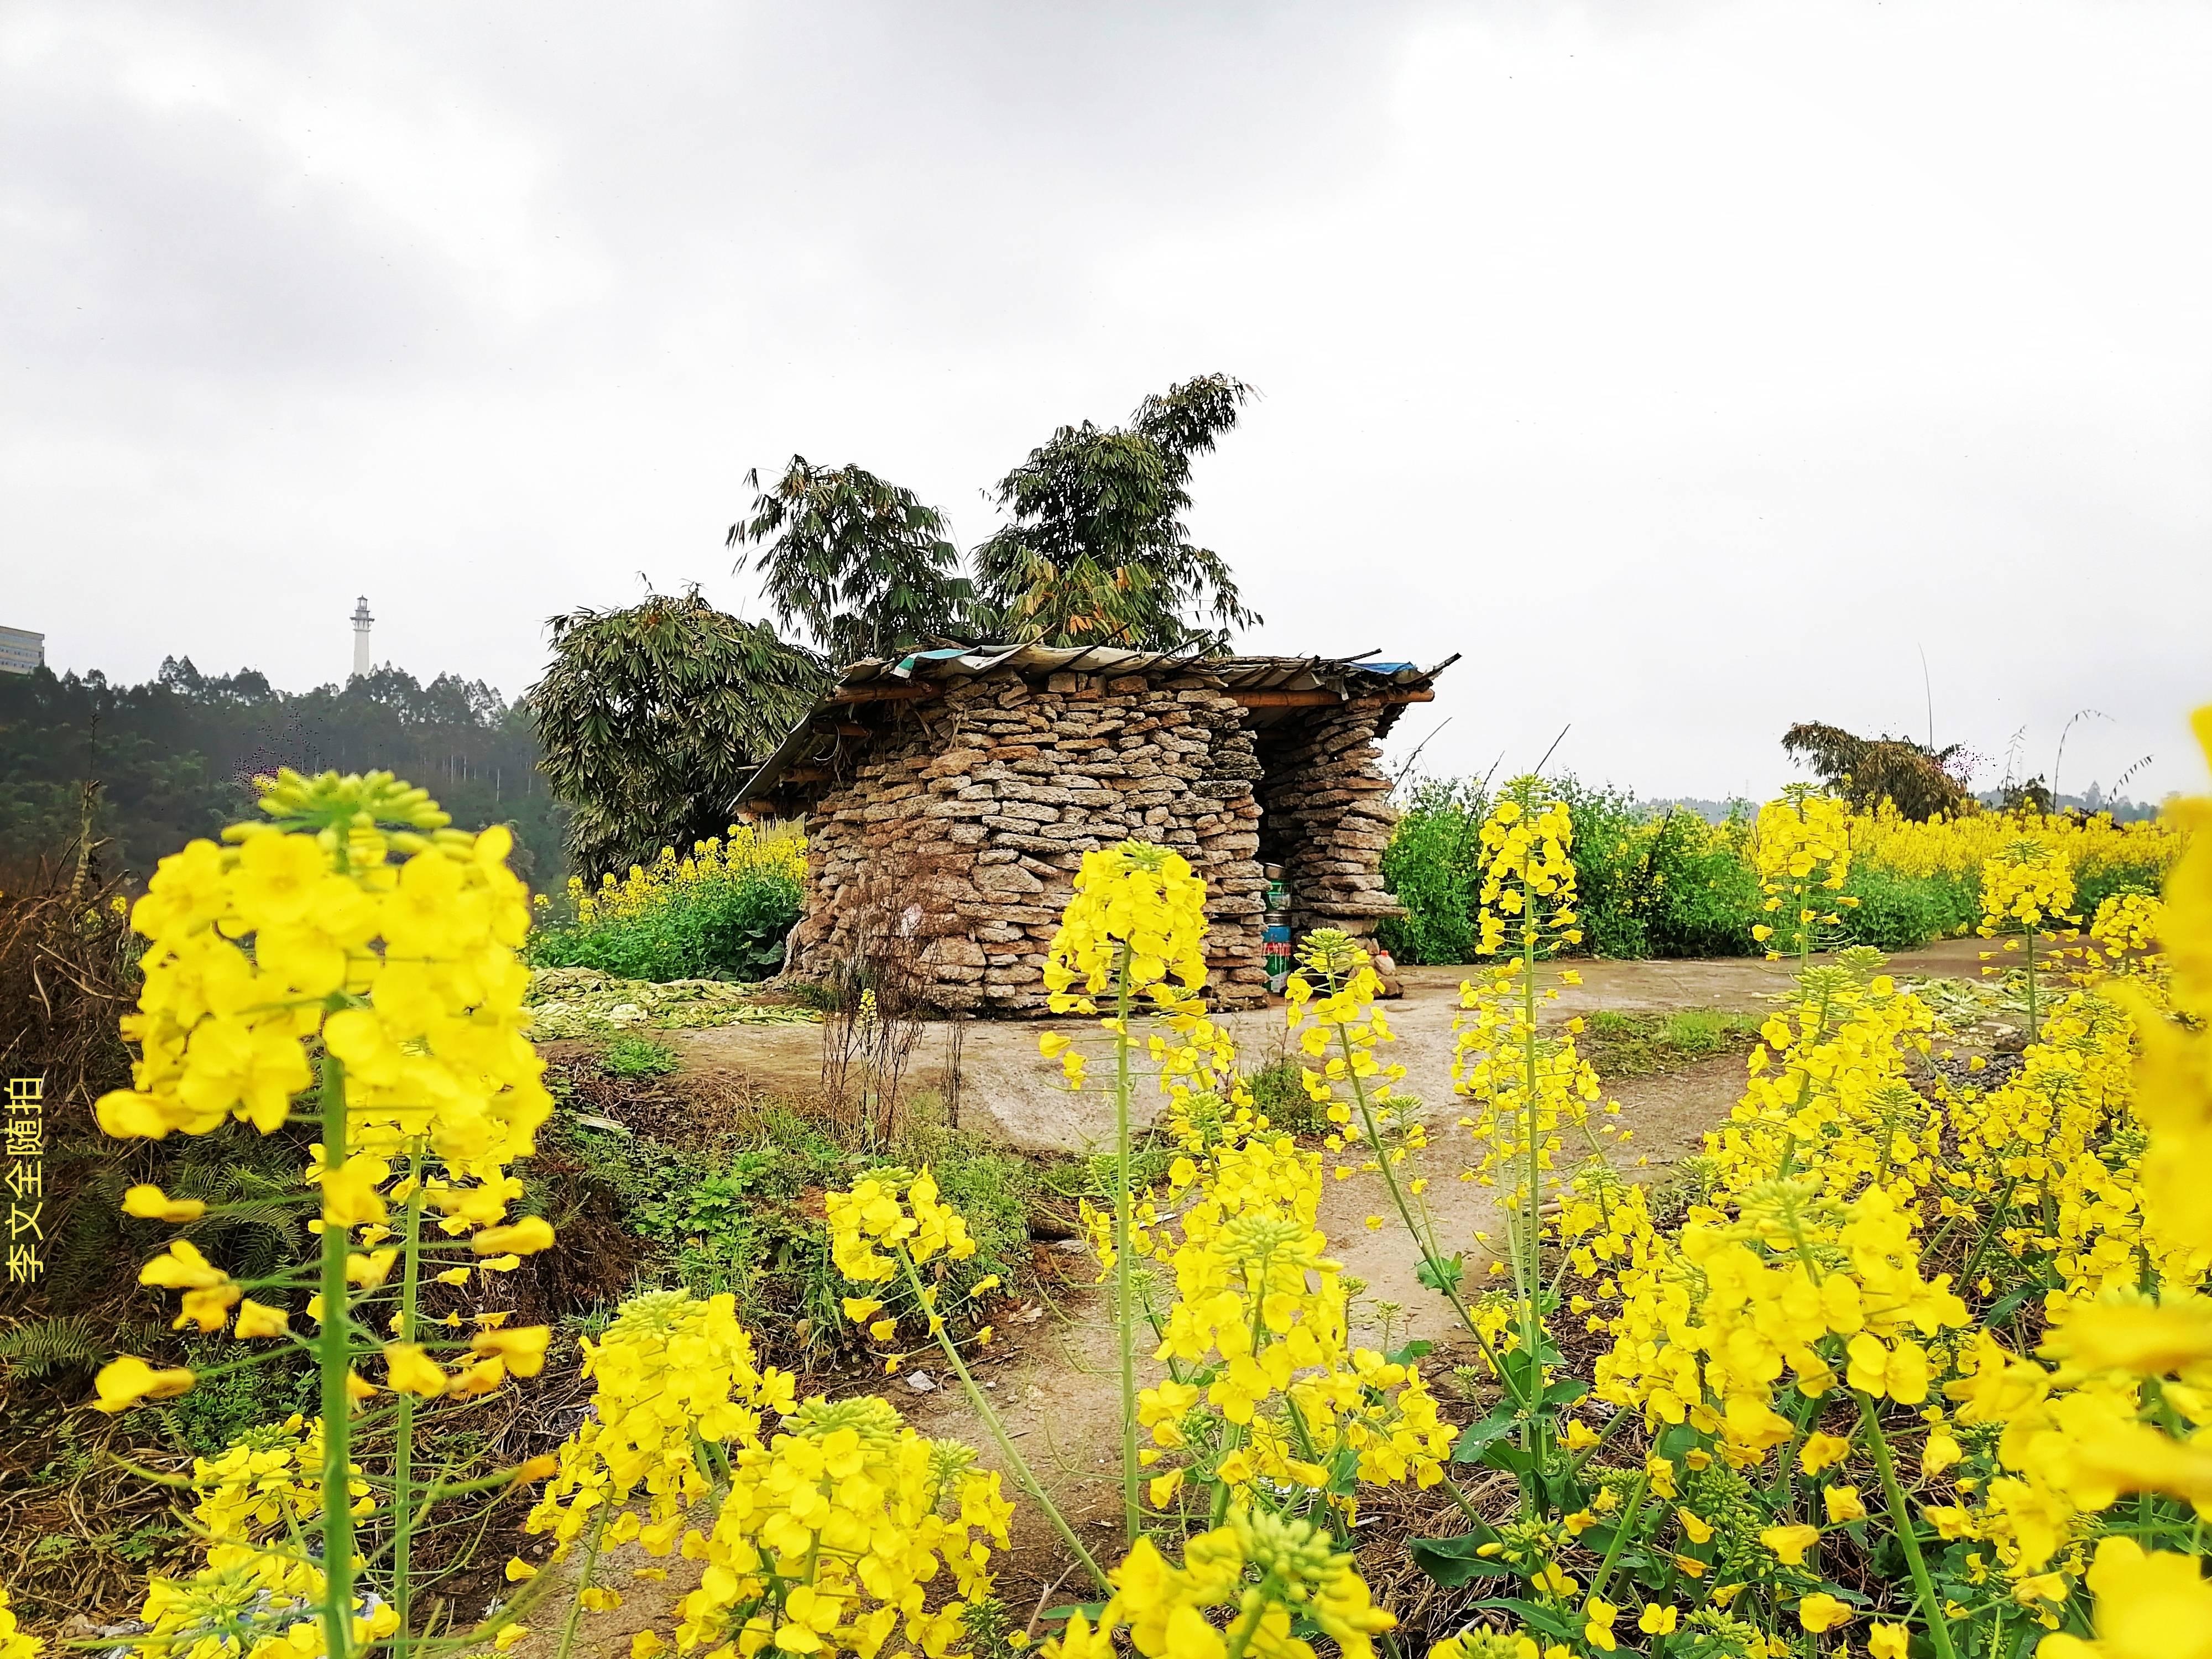 李文全随拍:小屋一间花朵满园,这应该是怀乡人的情愫别墅吧